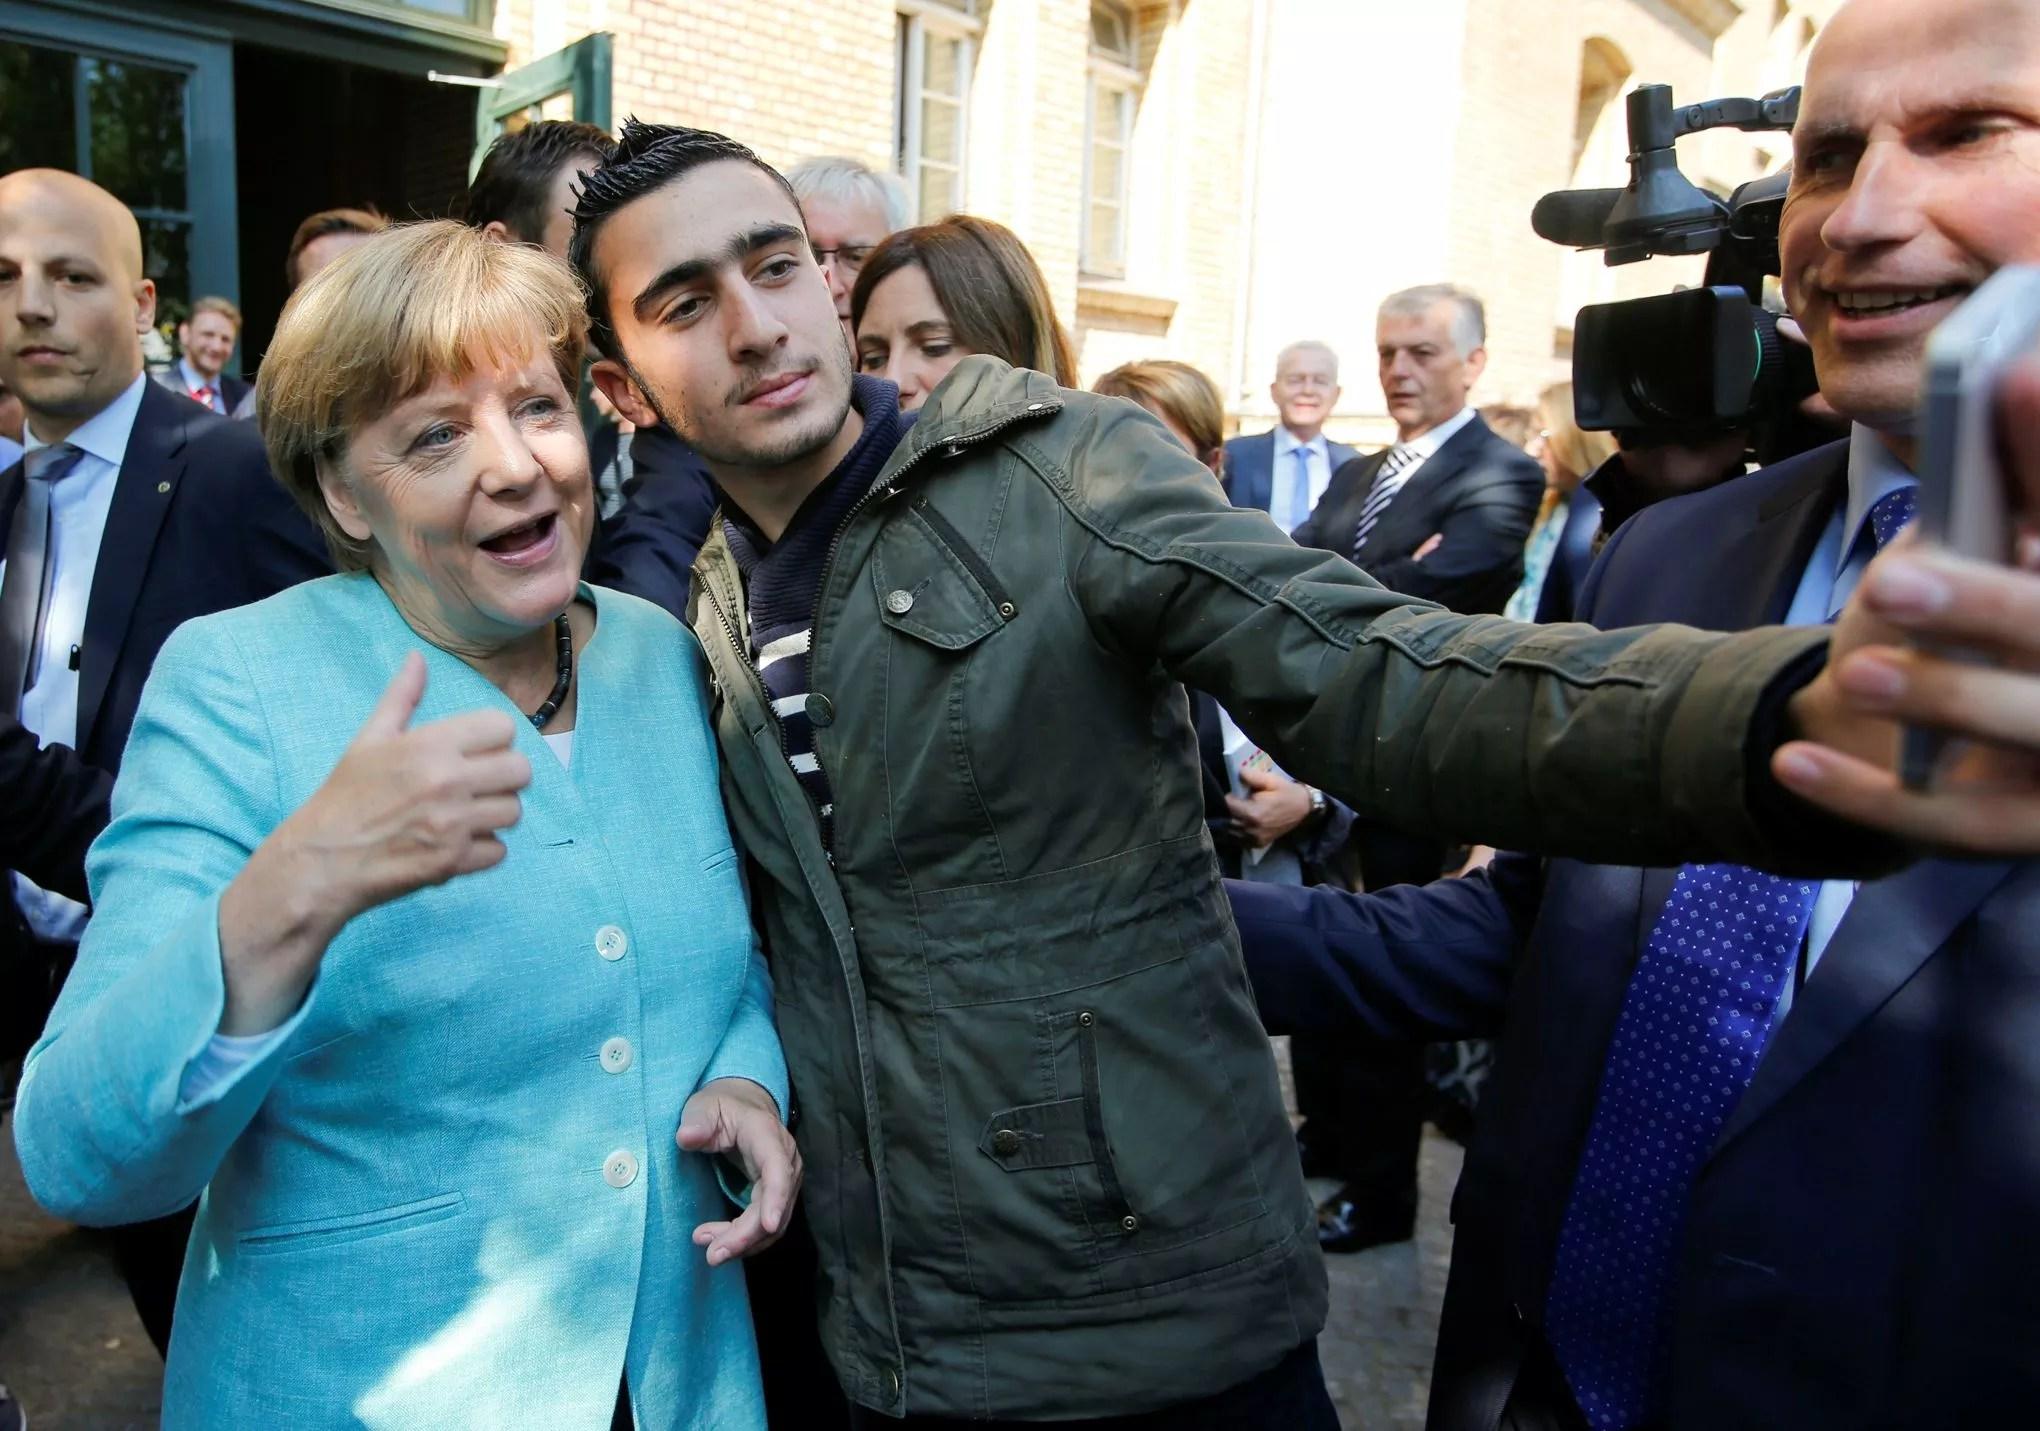 """Résultat de recherche d'images pour """"merkel selfie migrant terroriste"""""""